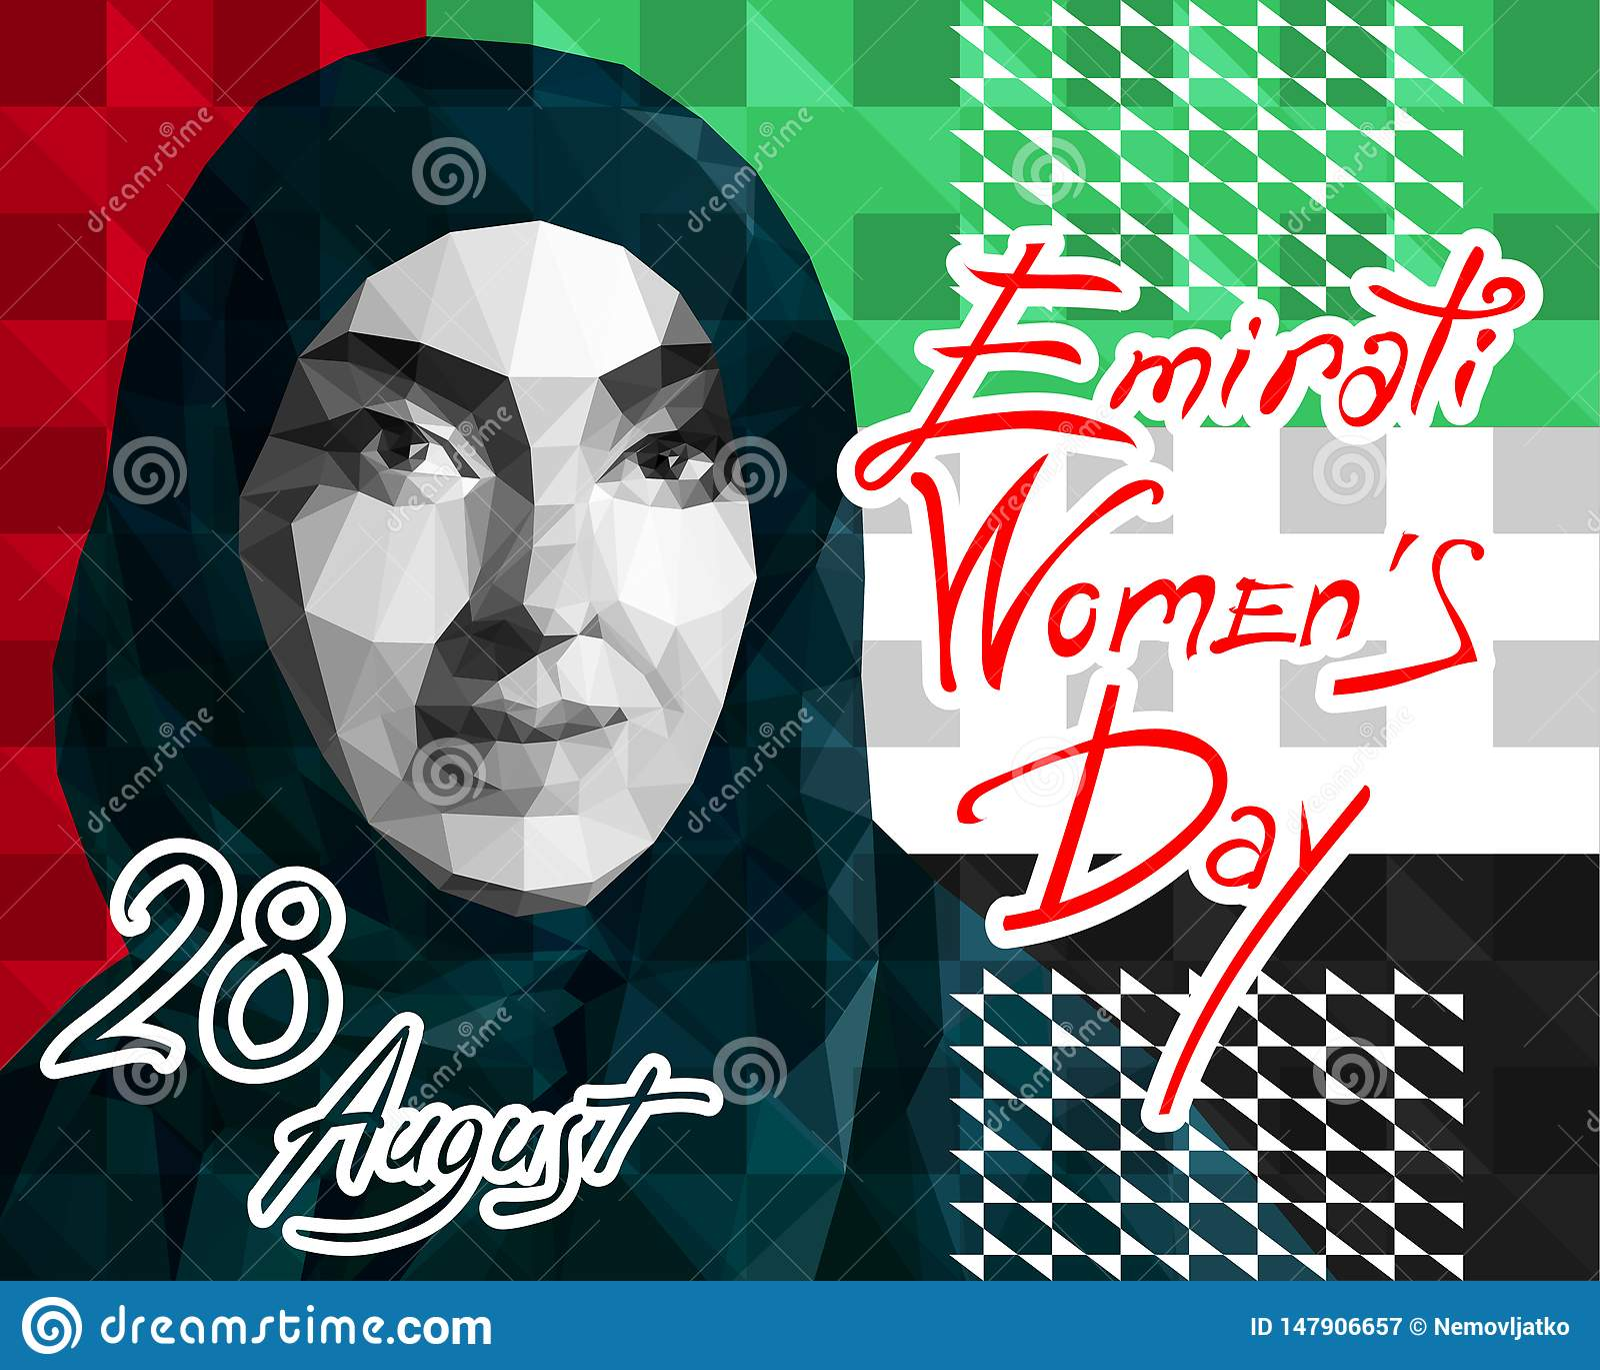 Illustratie in de stijl van een lage veelhoek gewijd aan de Emirati-Vrouwens Dag